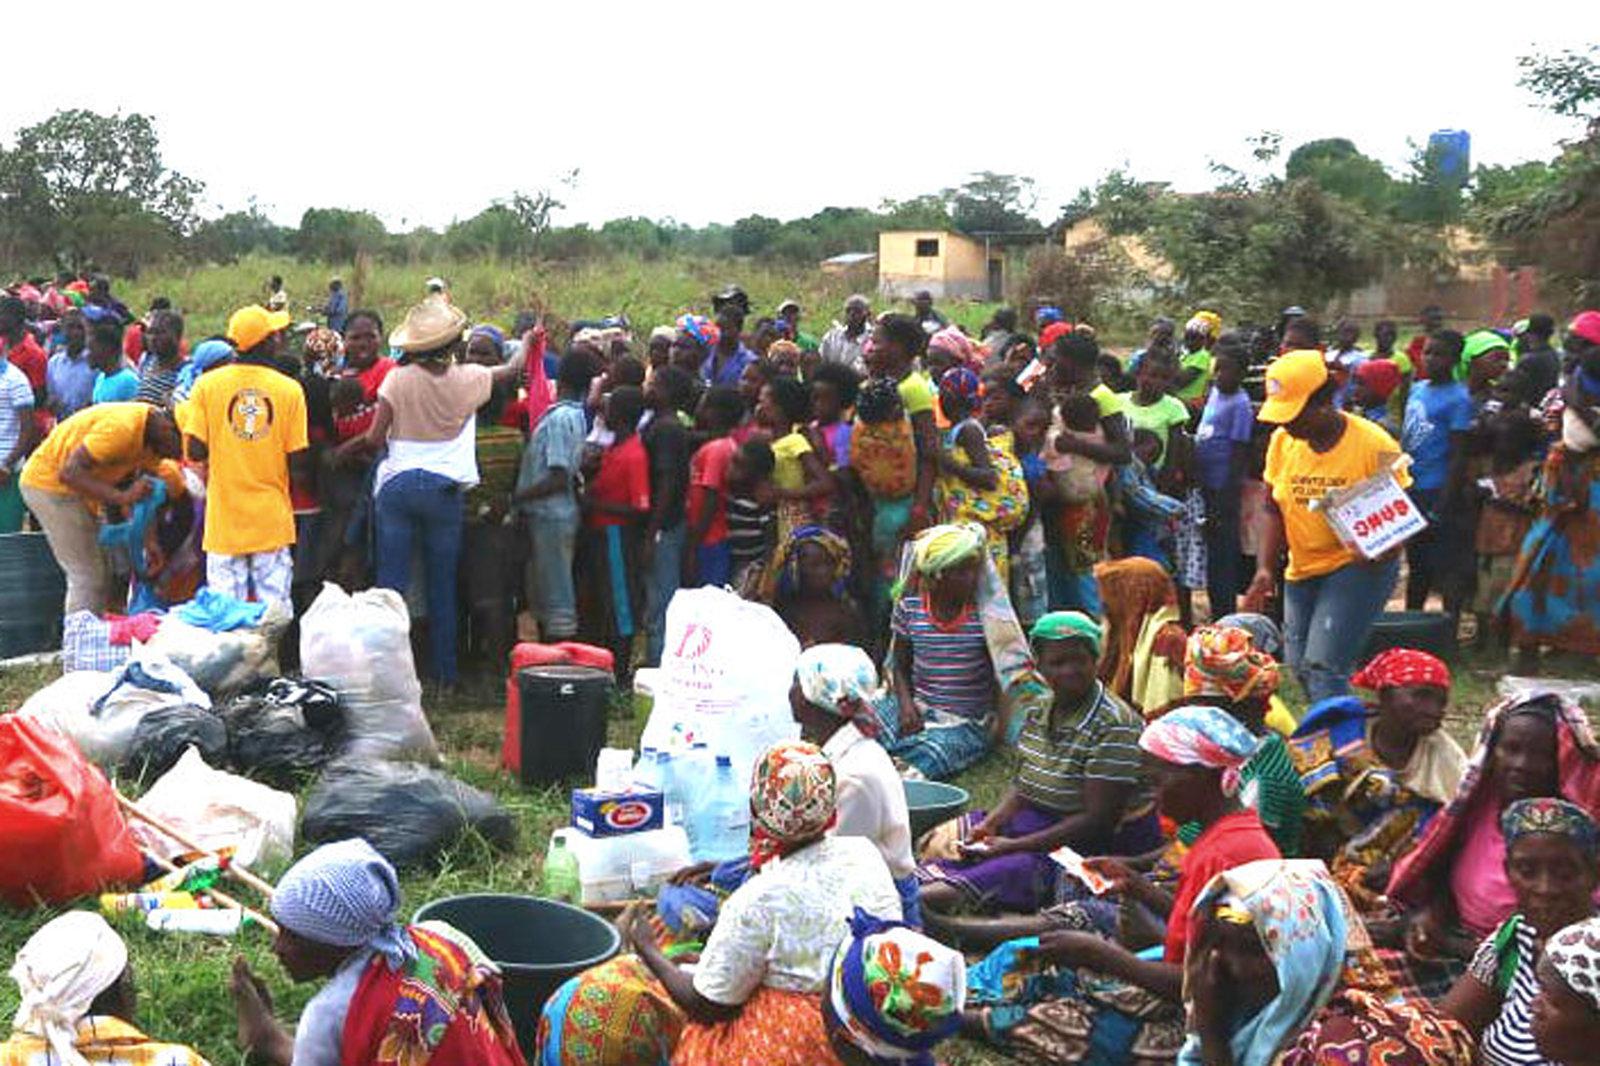 Les ministres bénévoles réagissent face au cyclone au Mozambique